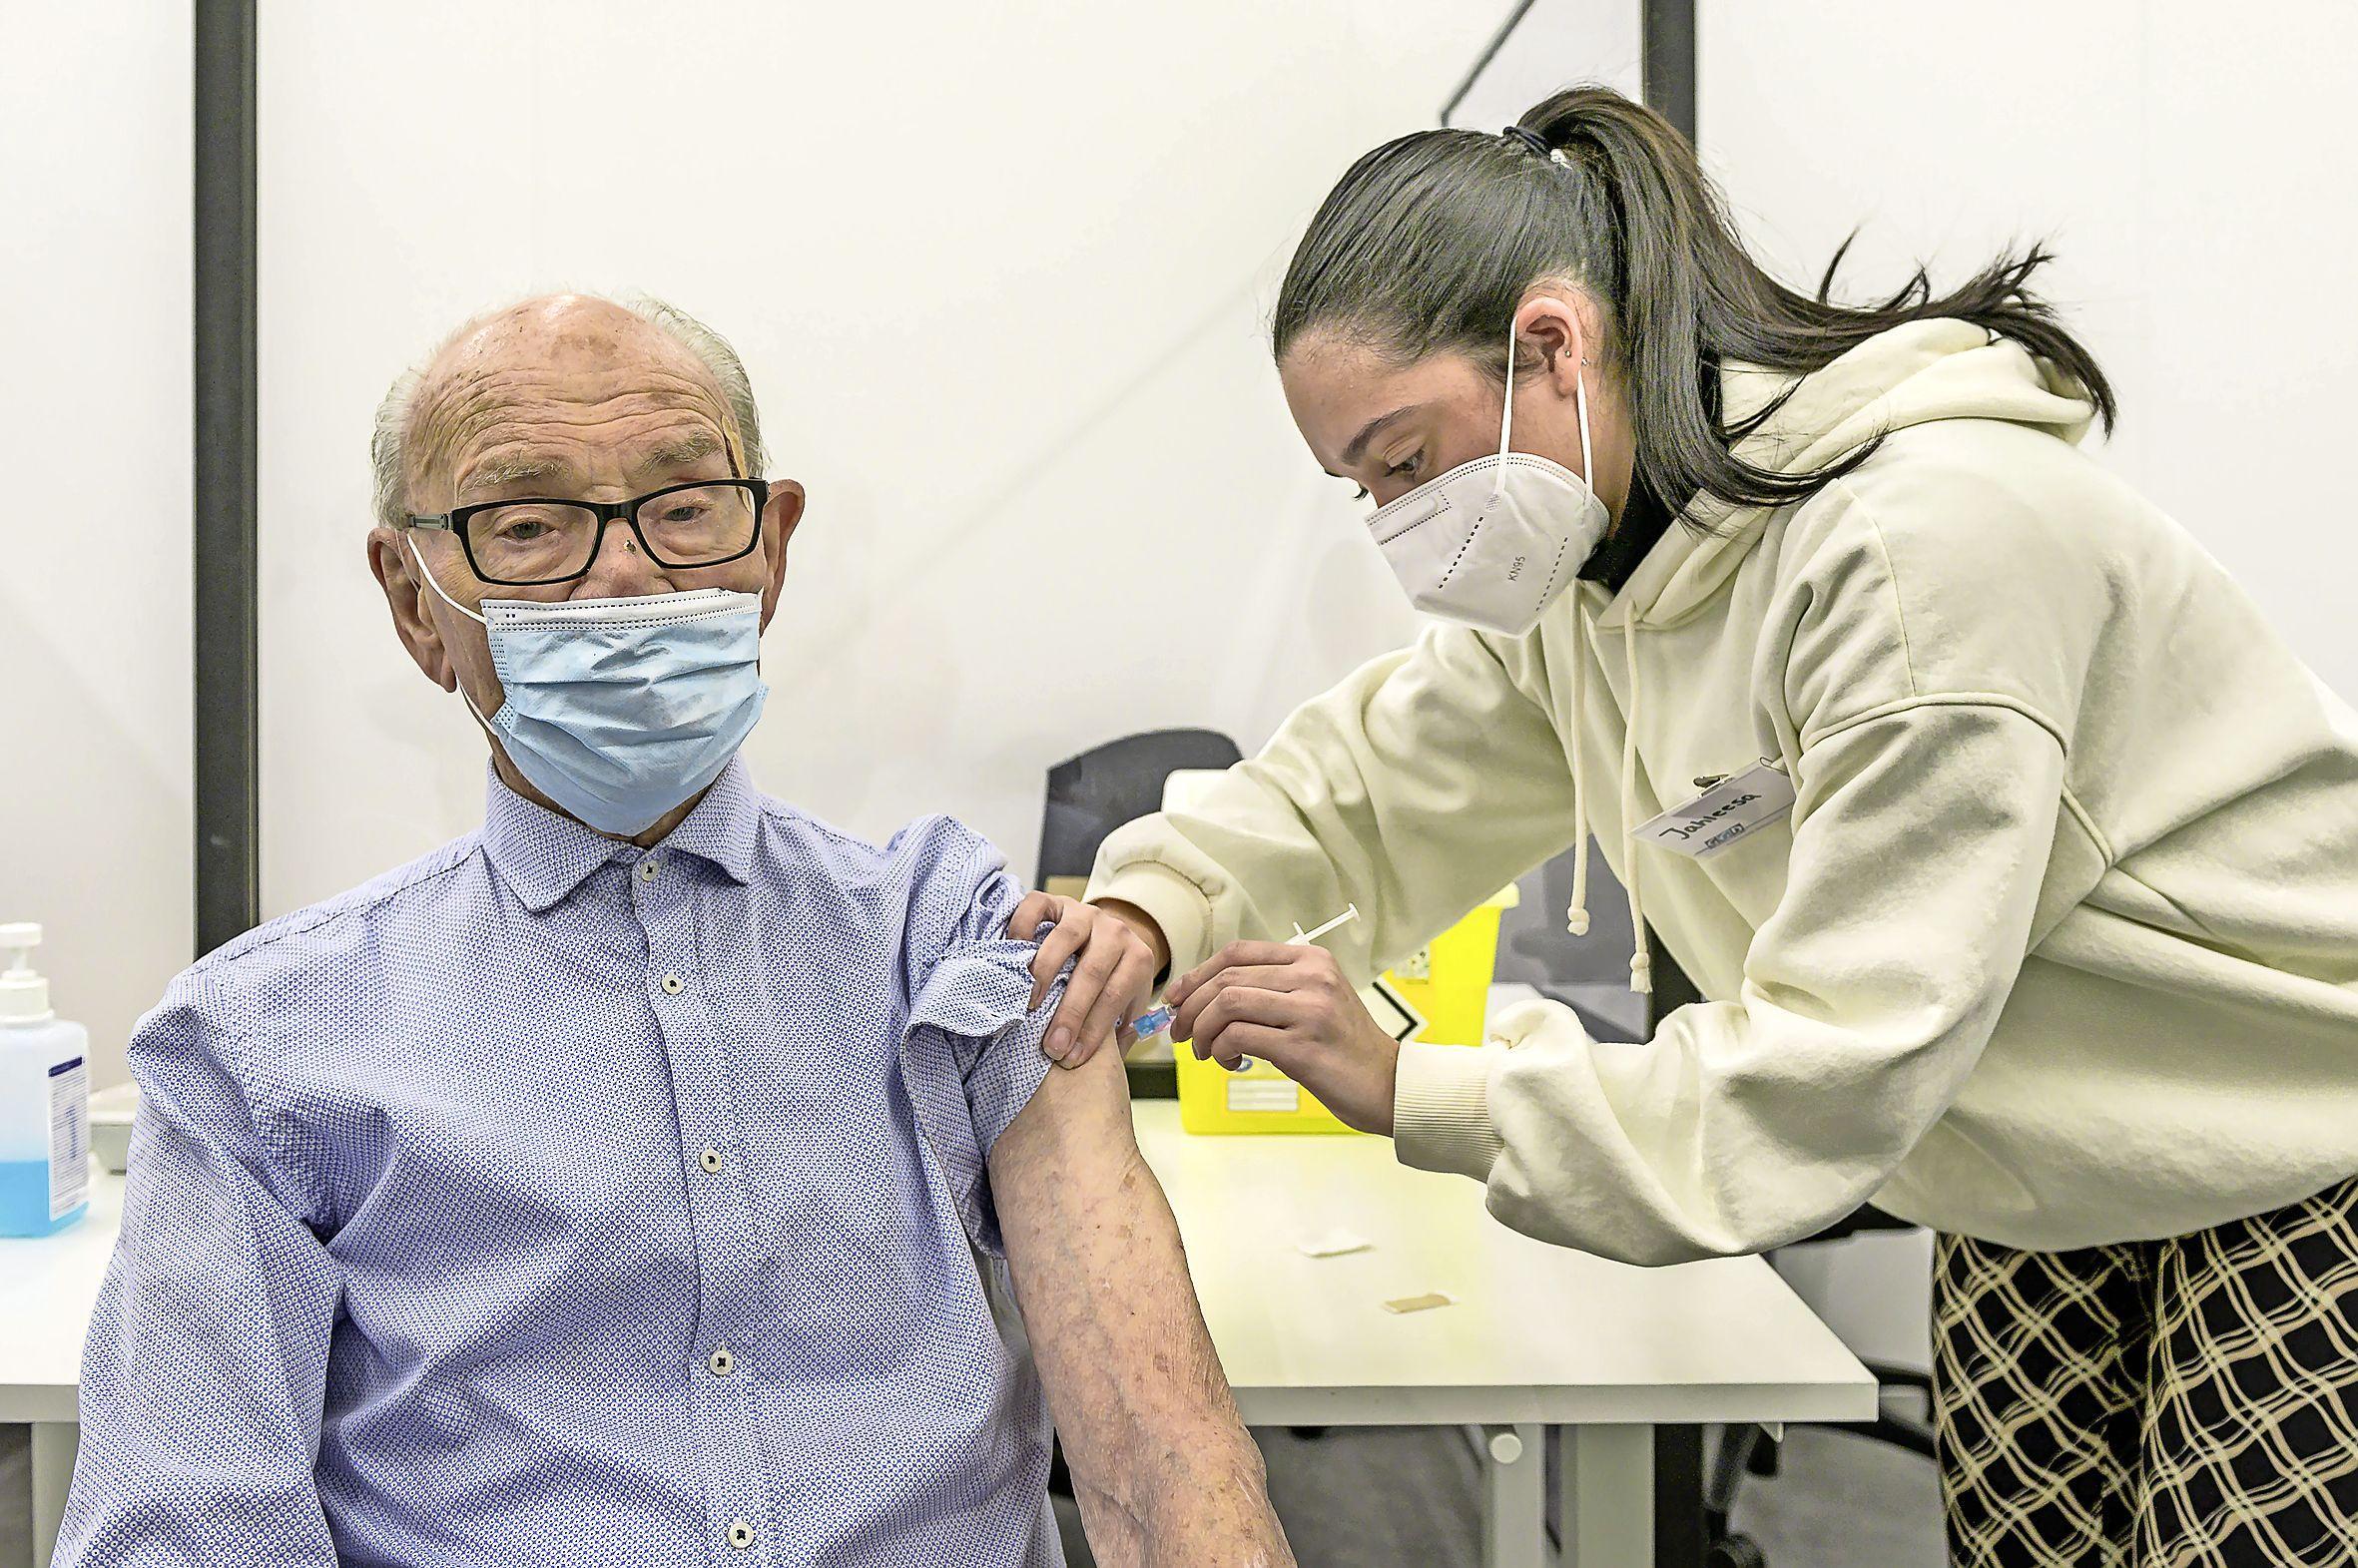 Vaccinatiecijfers corona: ouderen in Zaanse wijk Poelenburg én Volendam lopen flink achter, Edam, Broek in Waterland en Westerkoog staan vooraan als het om een prik gaat